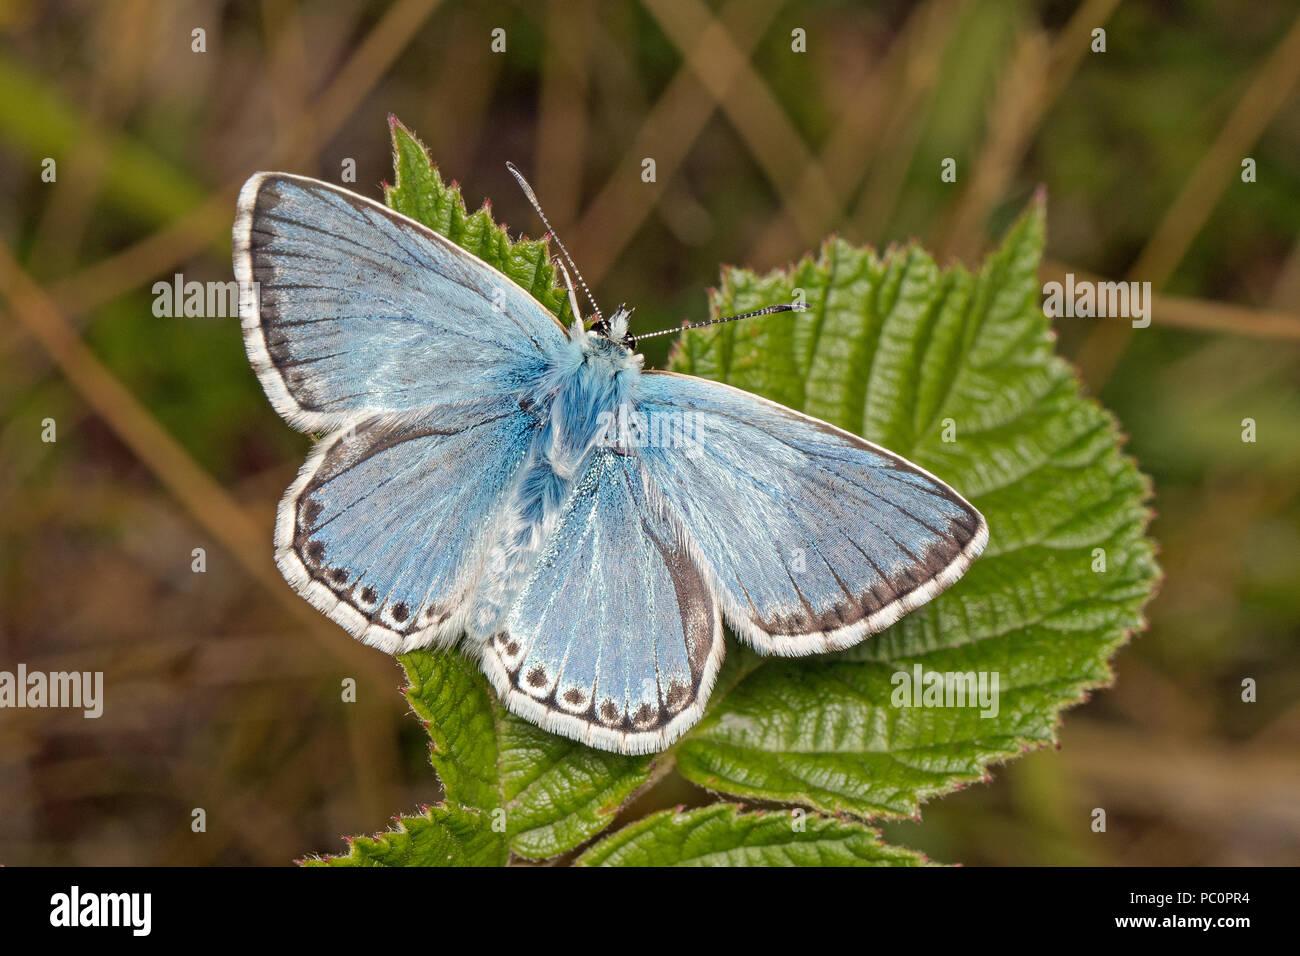 Male Chalkhill Blue butterfly (Polyommatus coridon), Cambridgeshire, England - Stock Image